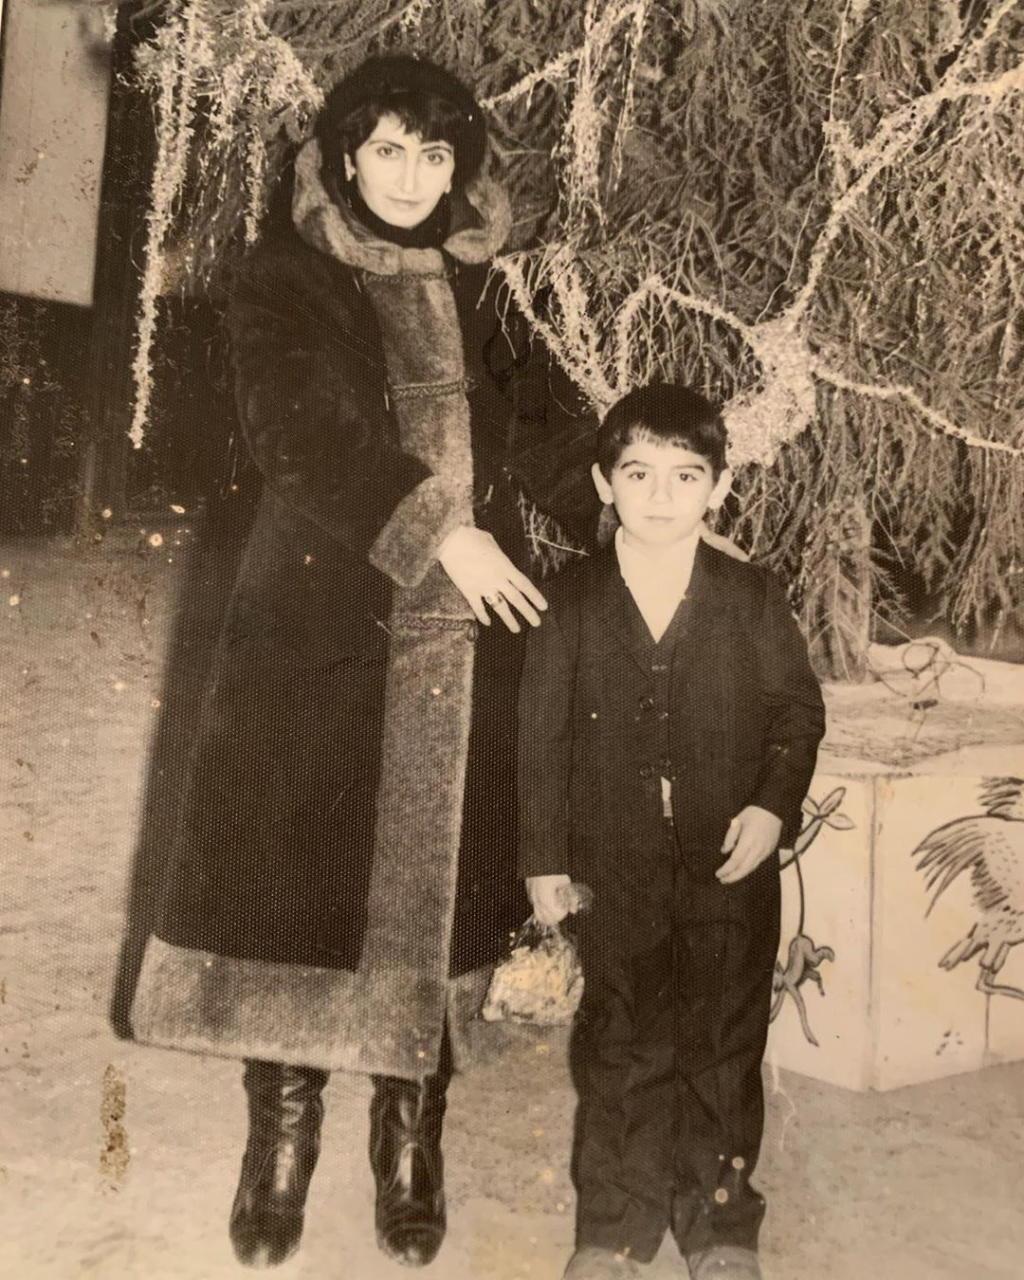 Bu uşaq indi Azərbaycan şou-biznesinin ən məşhur üzvüdür – FOTO